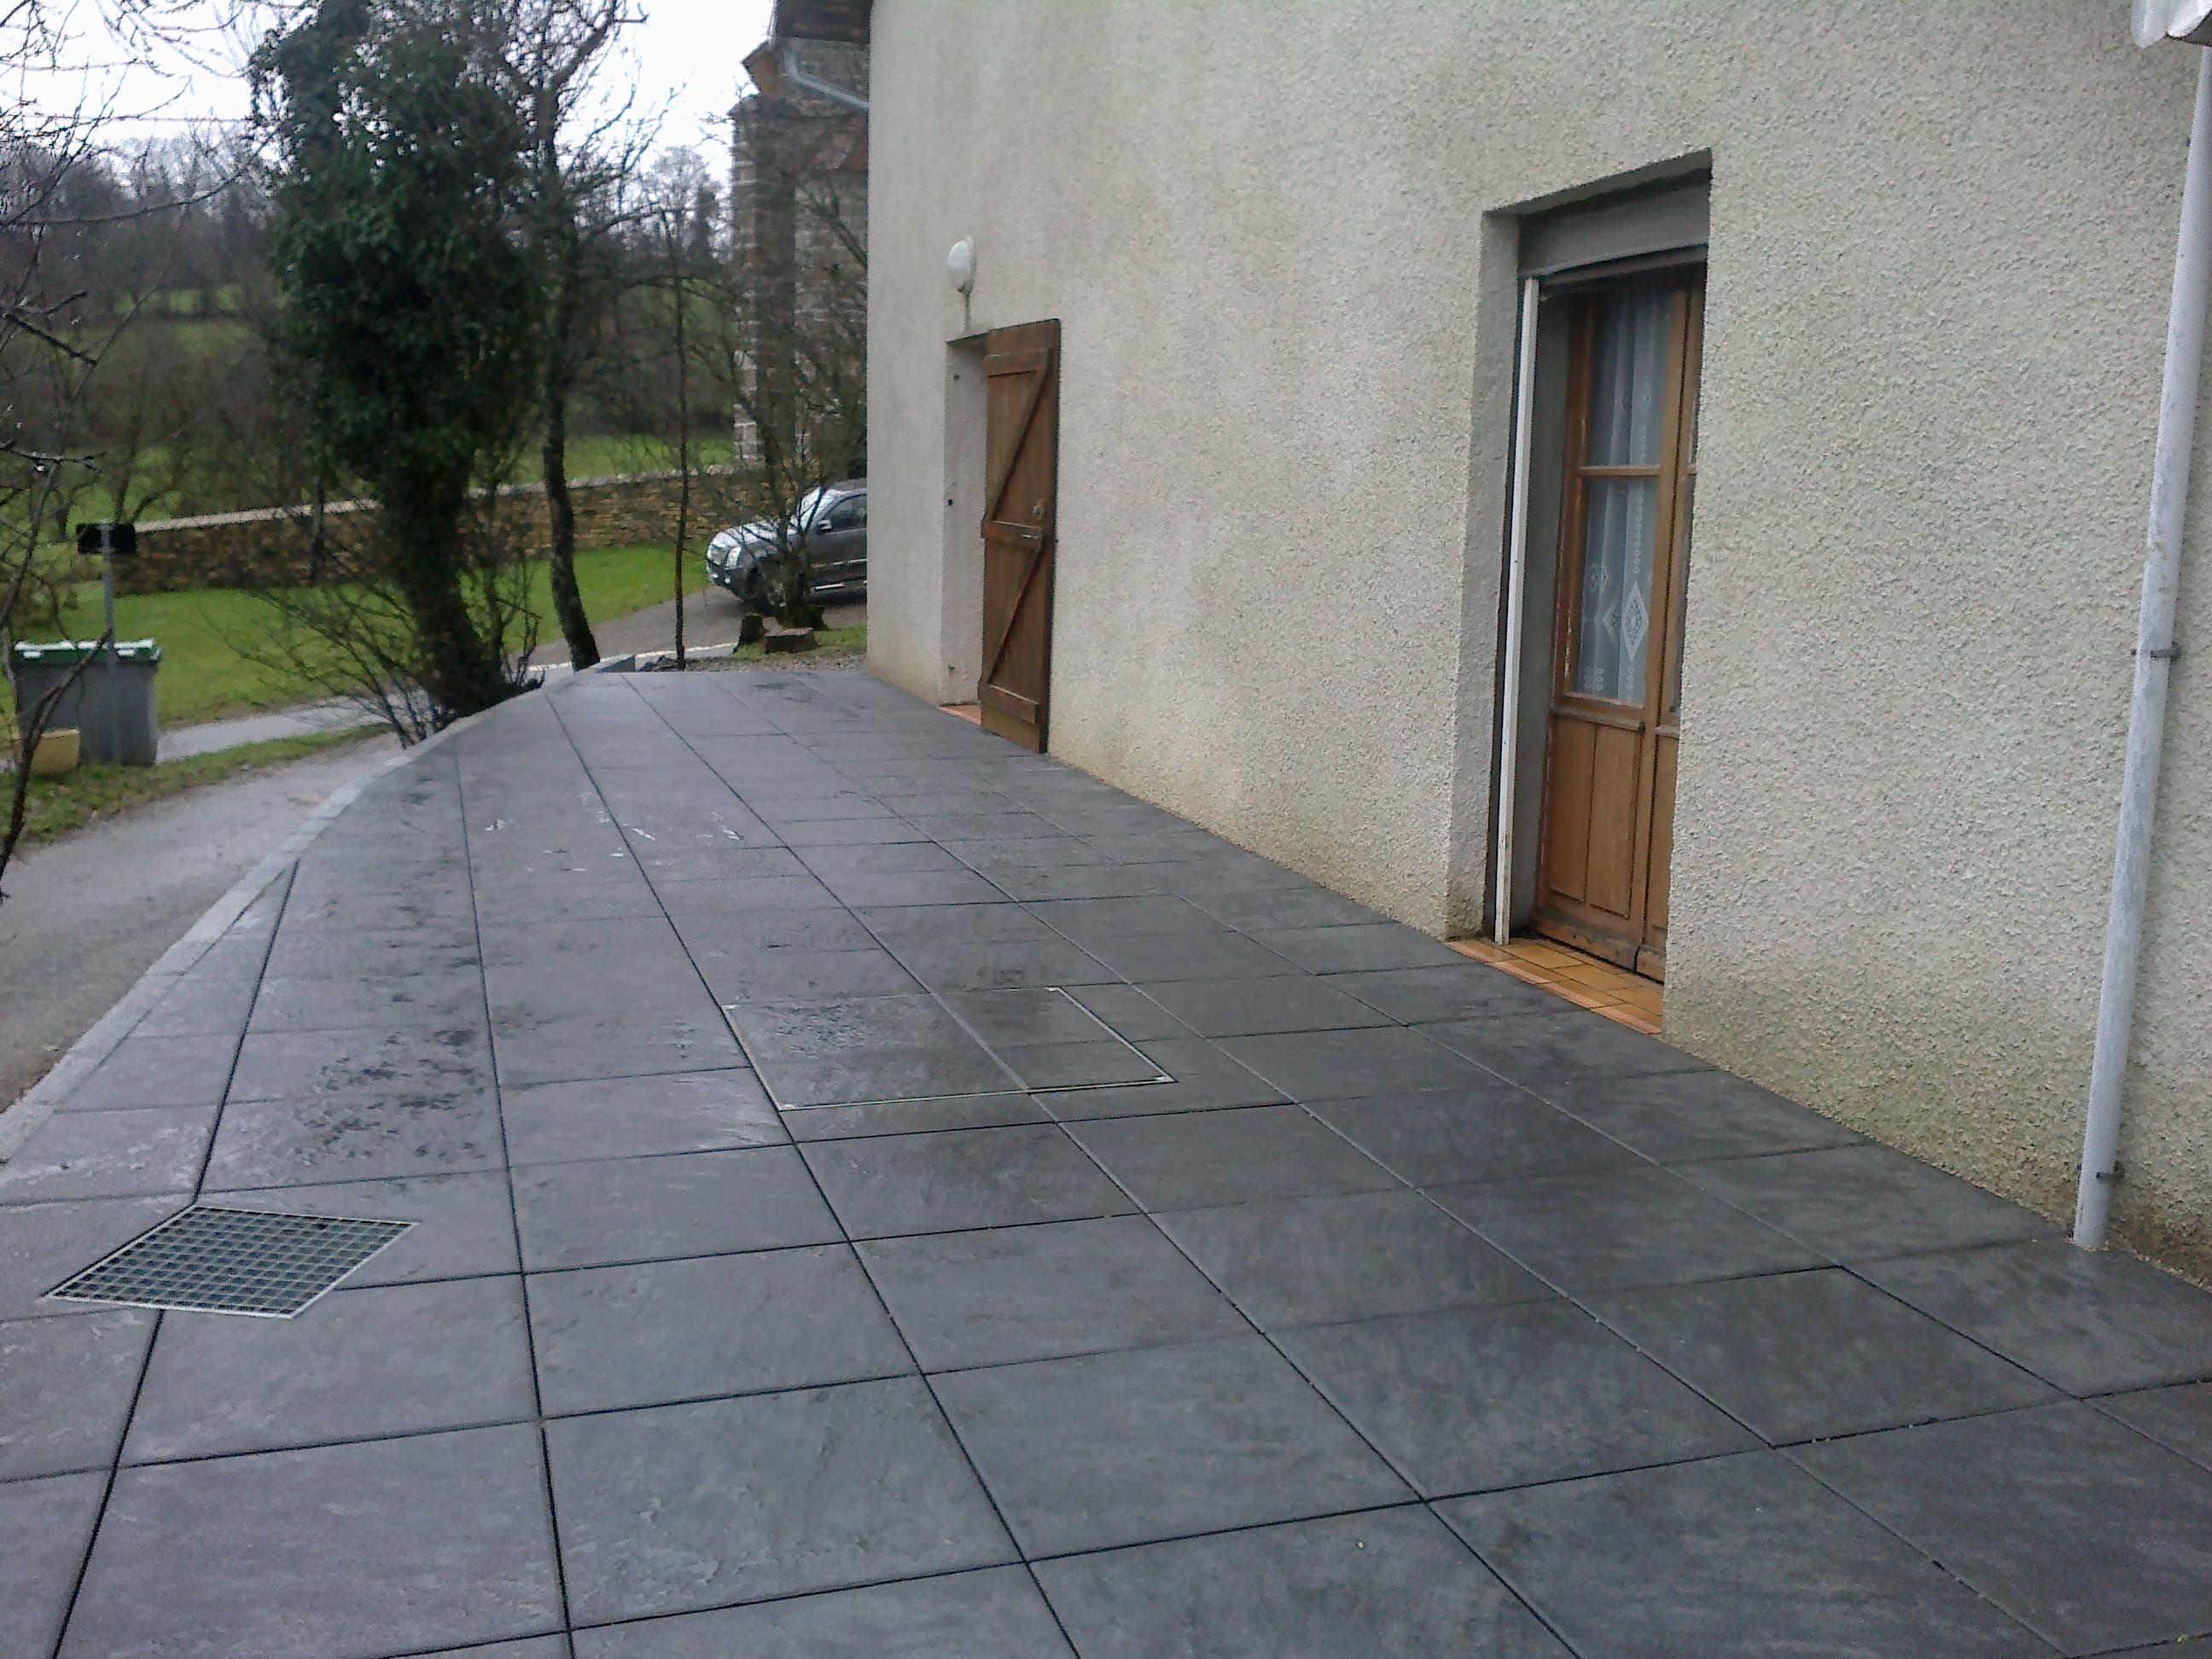 Caniveaux grilles cassard for Caniveau invisible pour terrasse